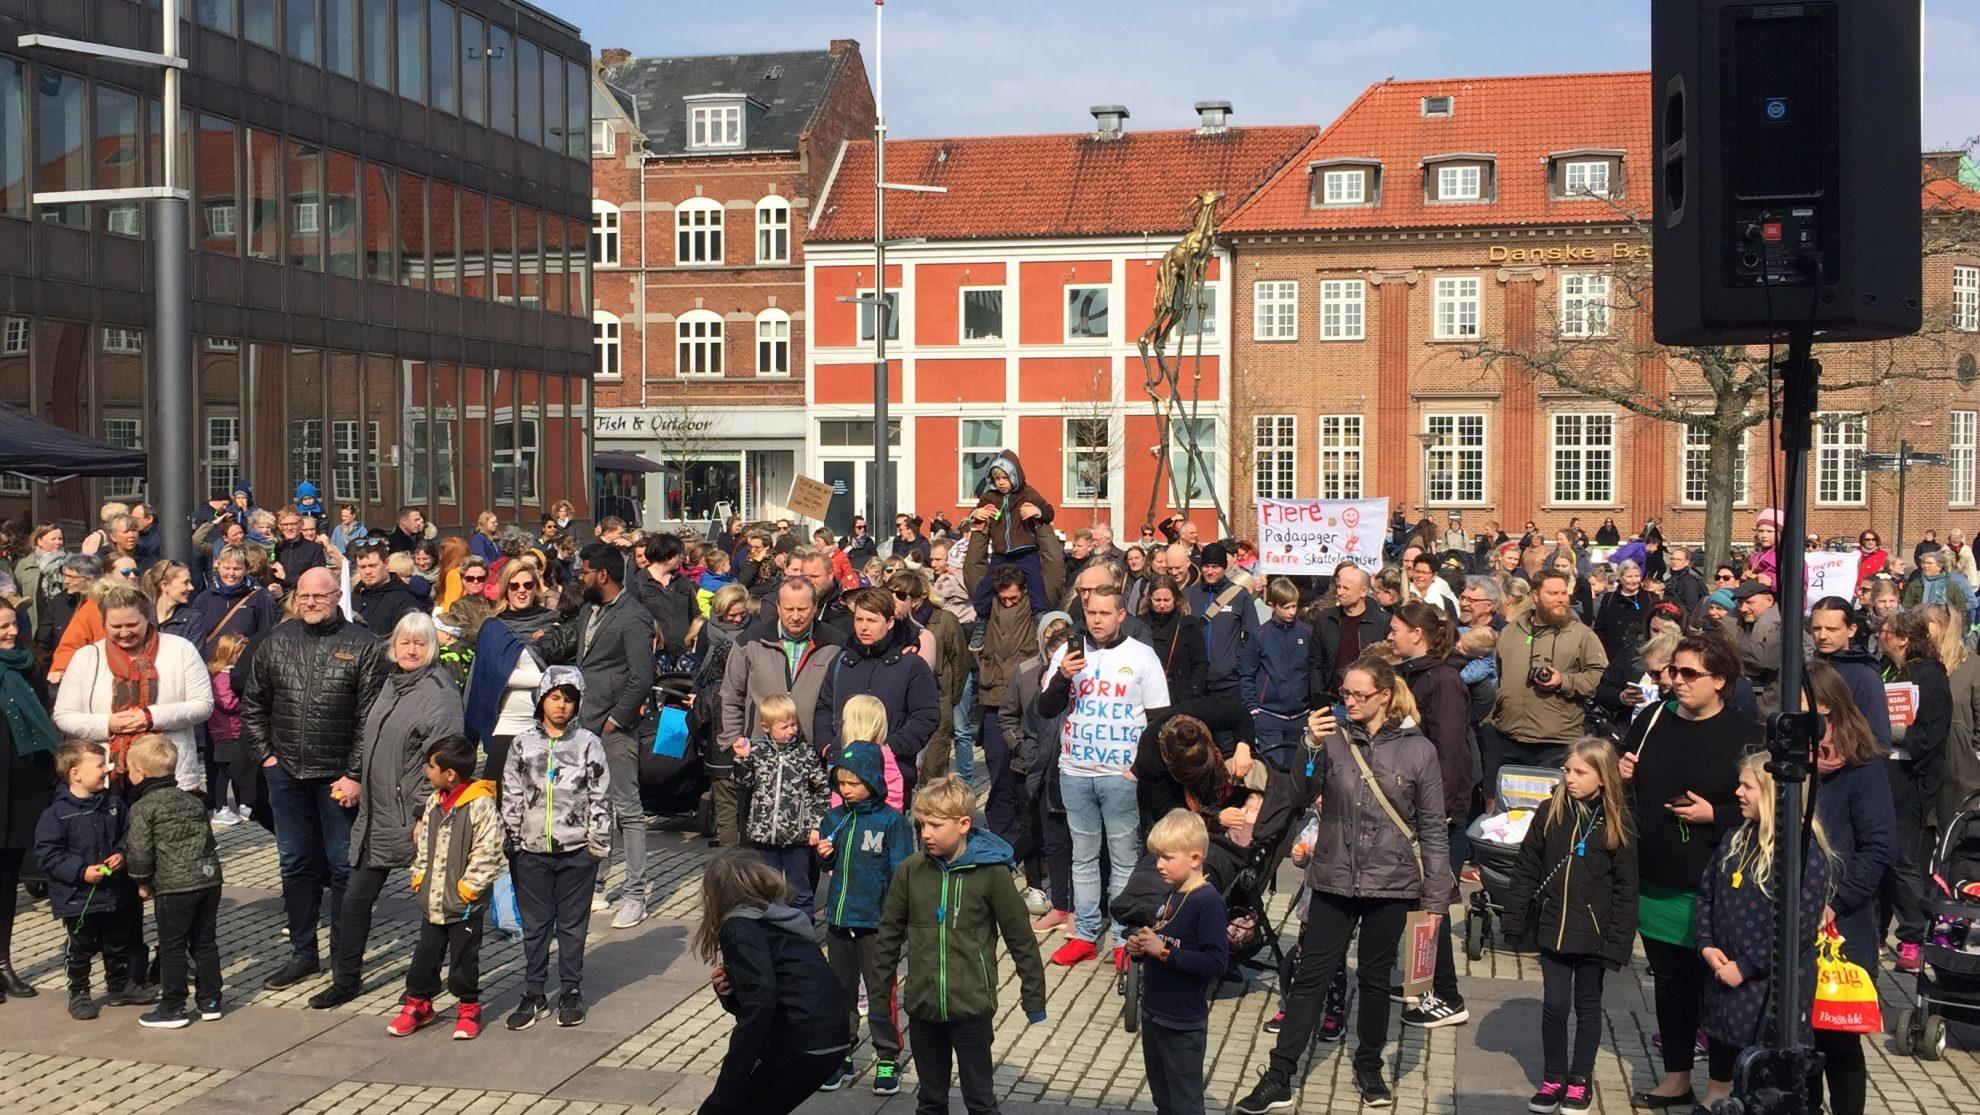 DEMONSTRATION FOR BEDRE VILKÅR I INSTITUTIONERNE